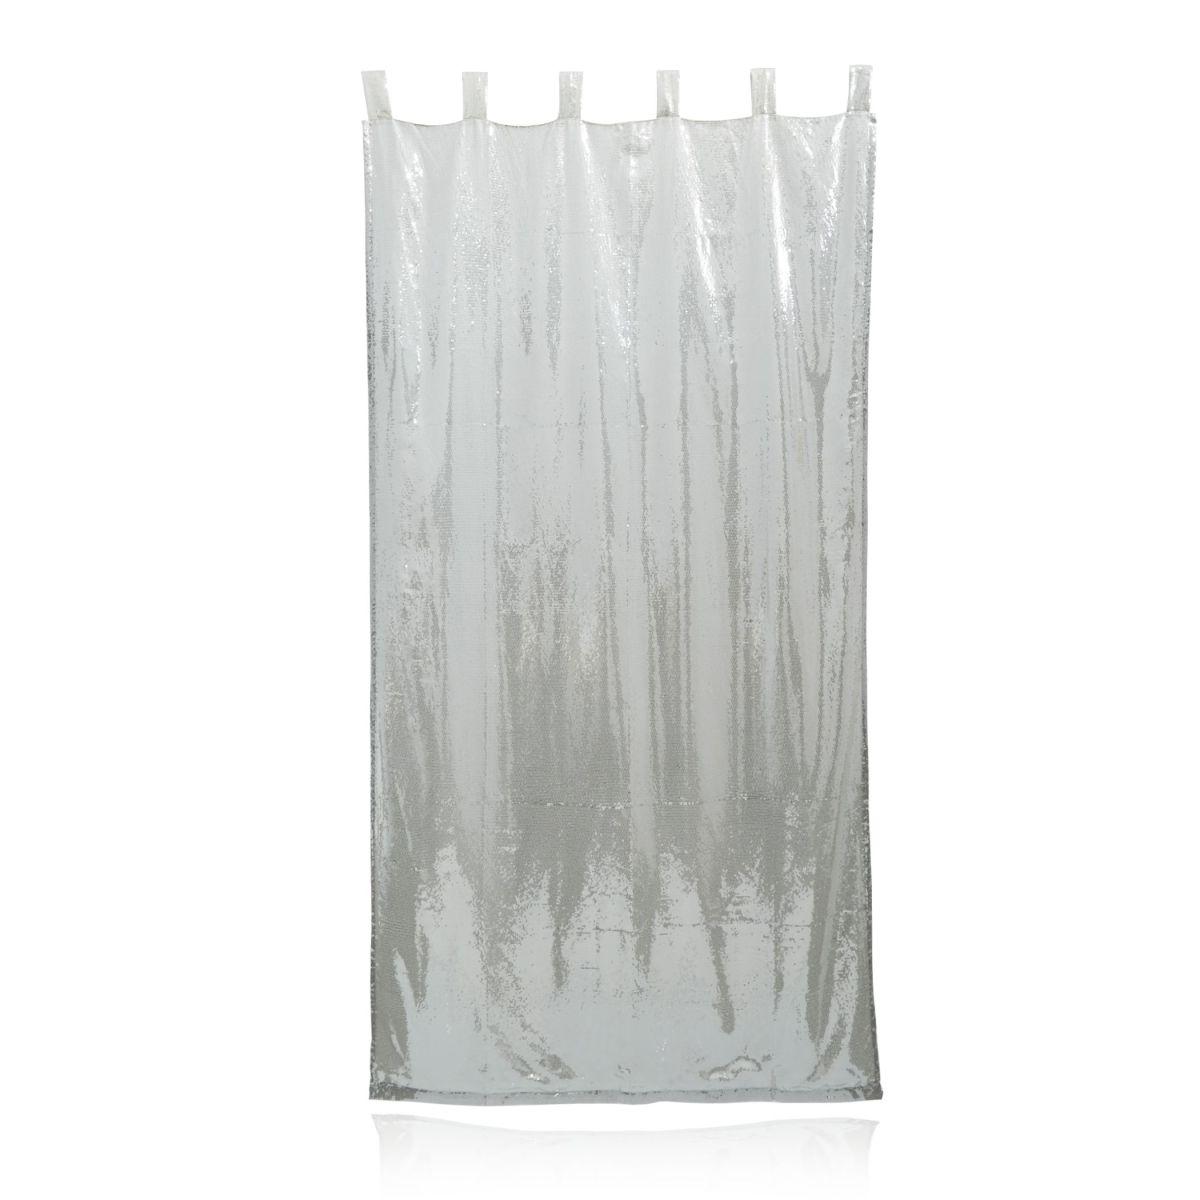 Paillettenvorhang, Schlaufen, glamourös (Impressionen)